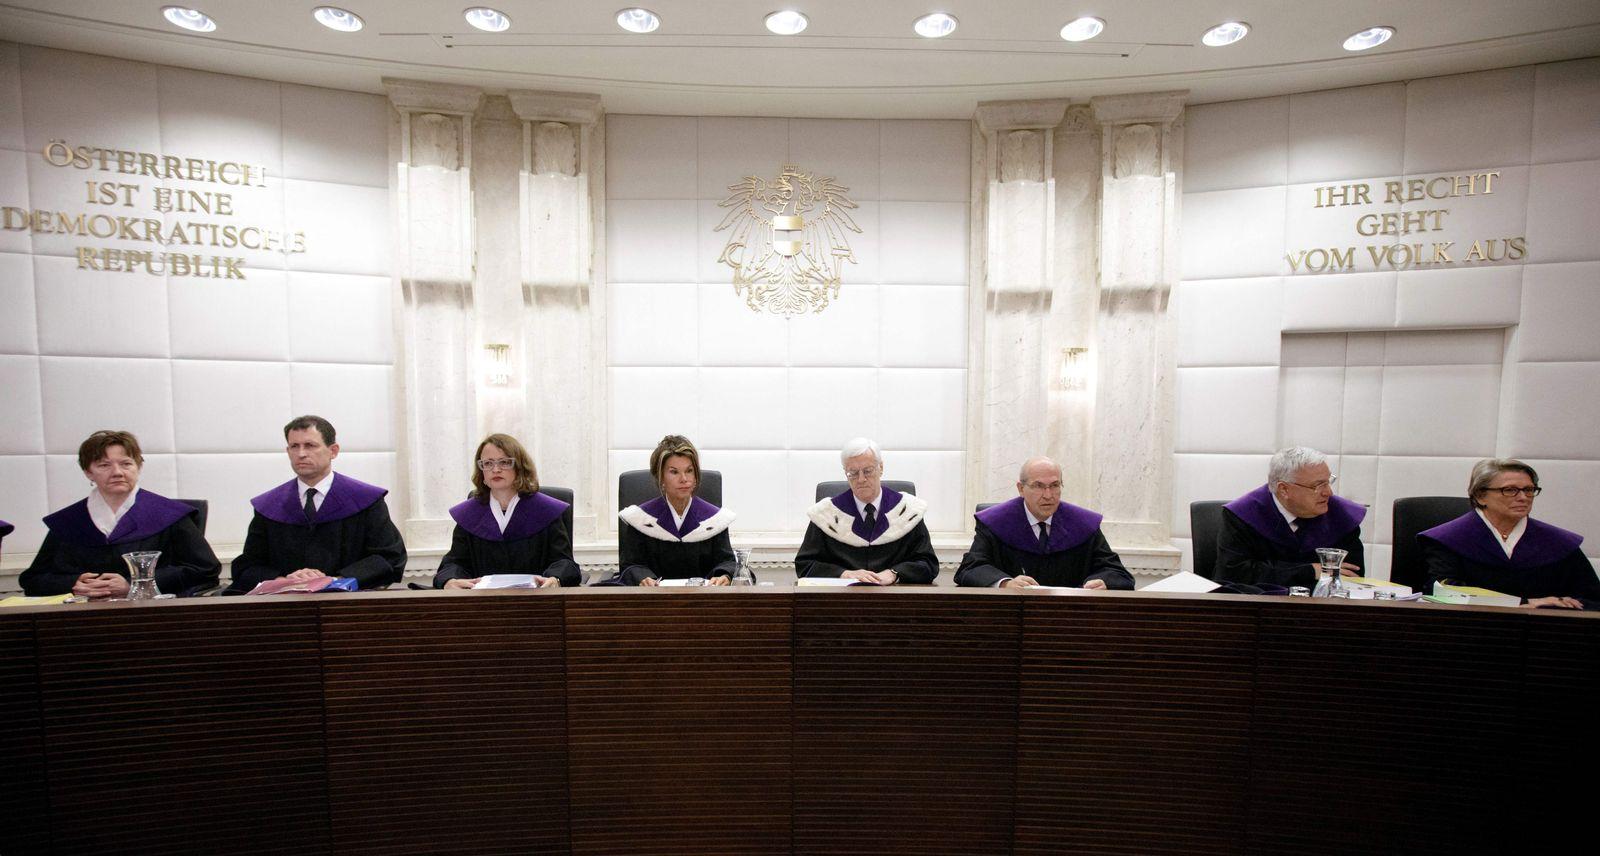 Österreich / Verfassungsgericht